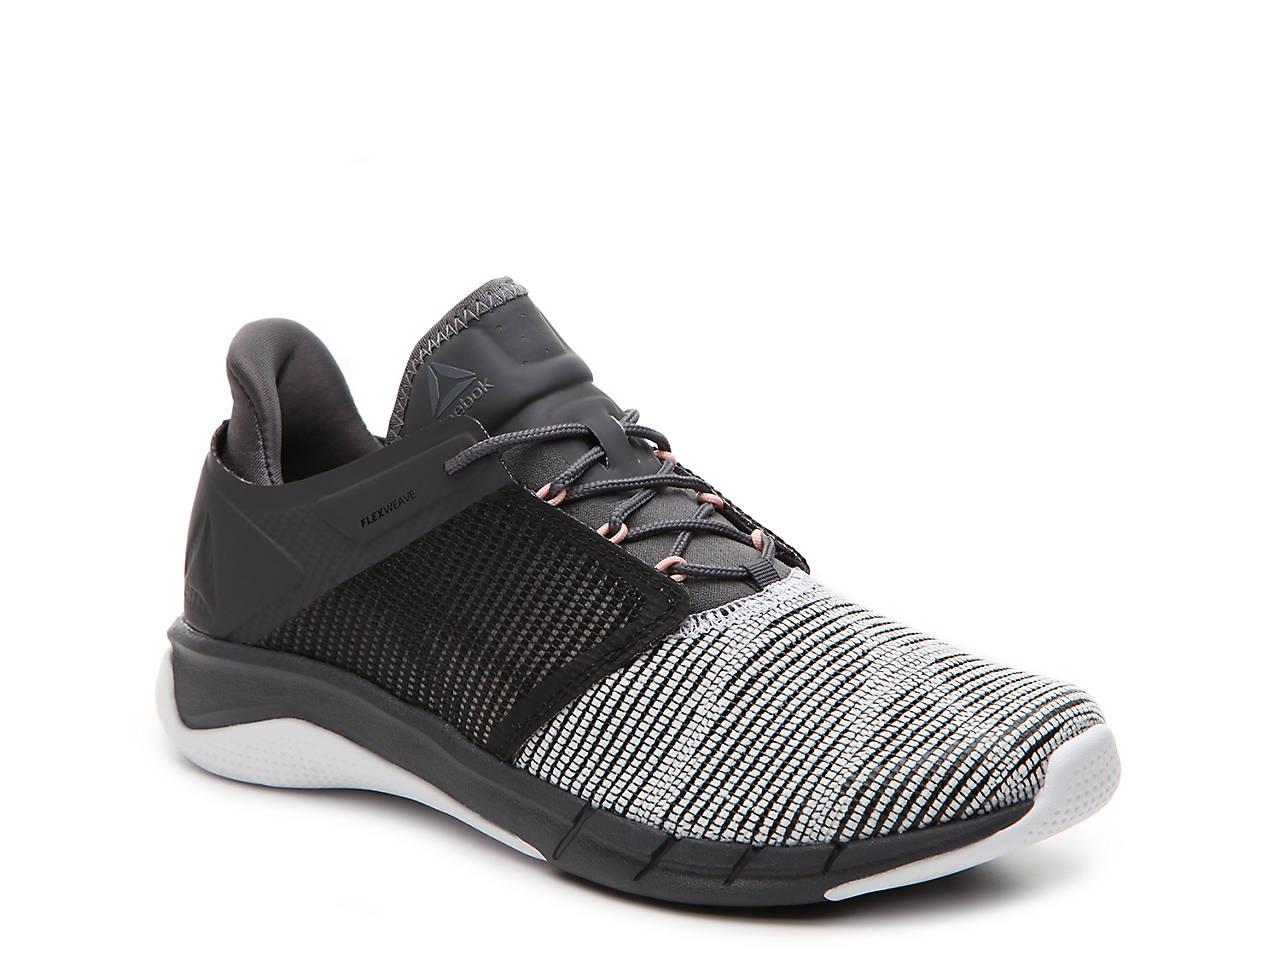 279ece1d0348 Reebok FlexWeave Run Lightweight Running Shoe - Women s Women s ...